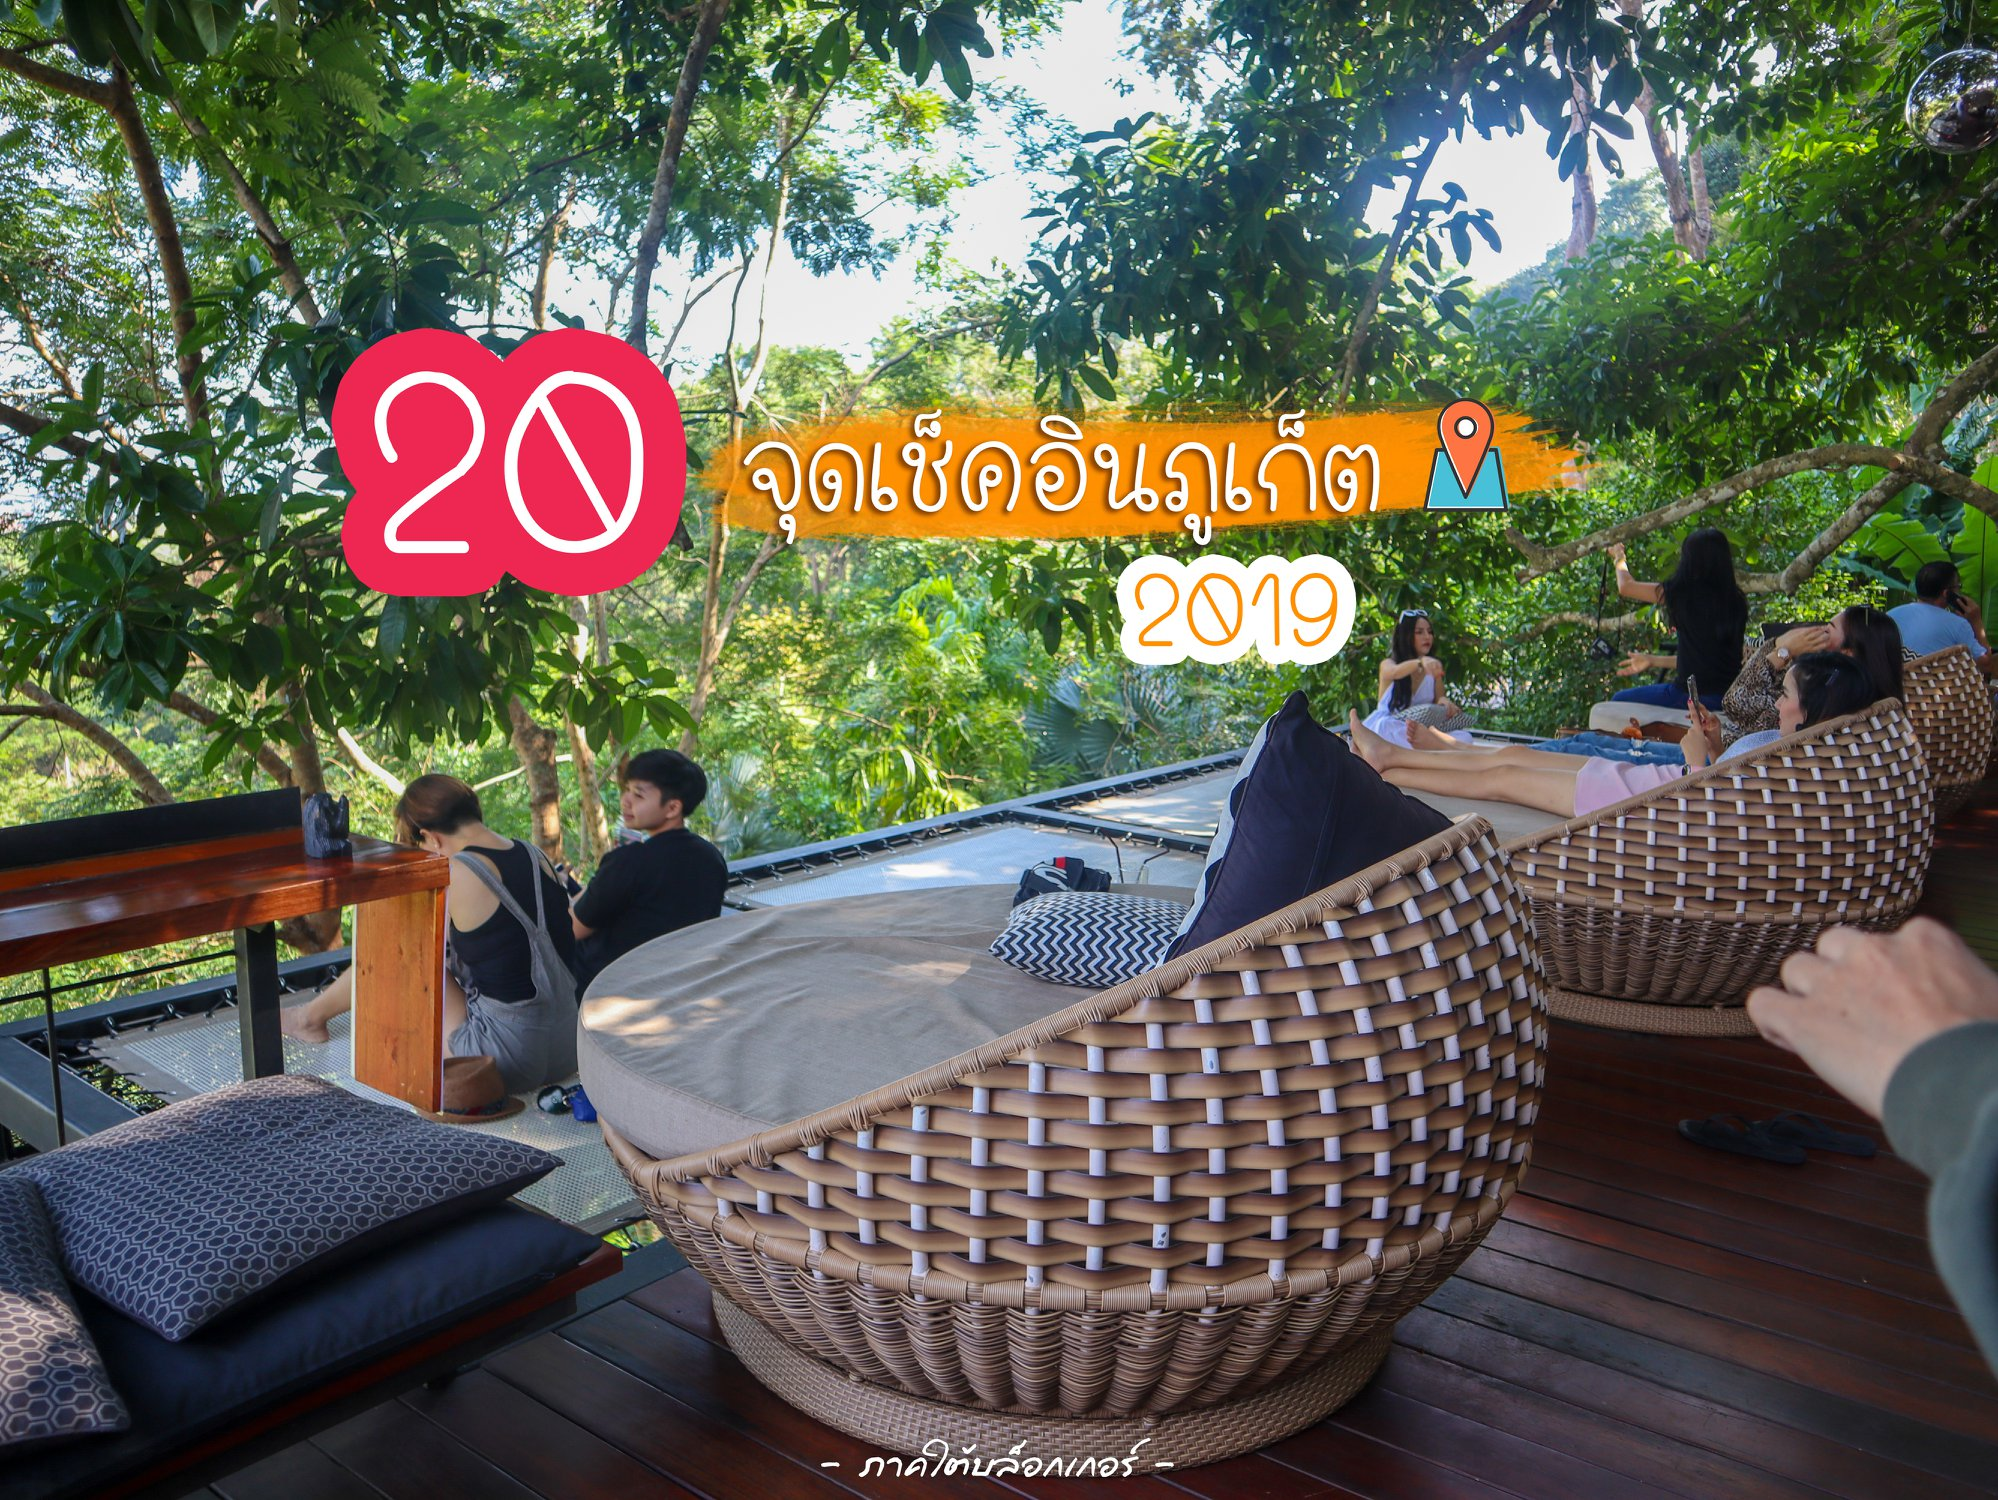 20 จุดเช็คอินภูเก็ต 2564 สถานที่ท่องเที่ยวใหม่ๆสวยๆ ของกิน ที่พัก